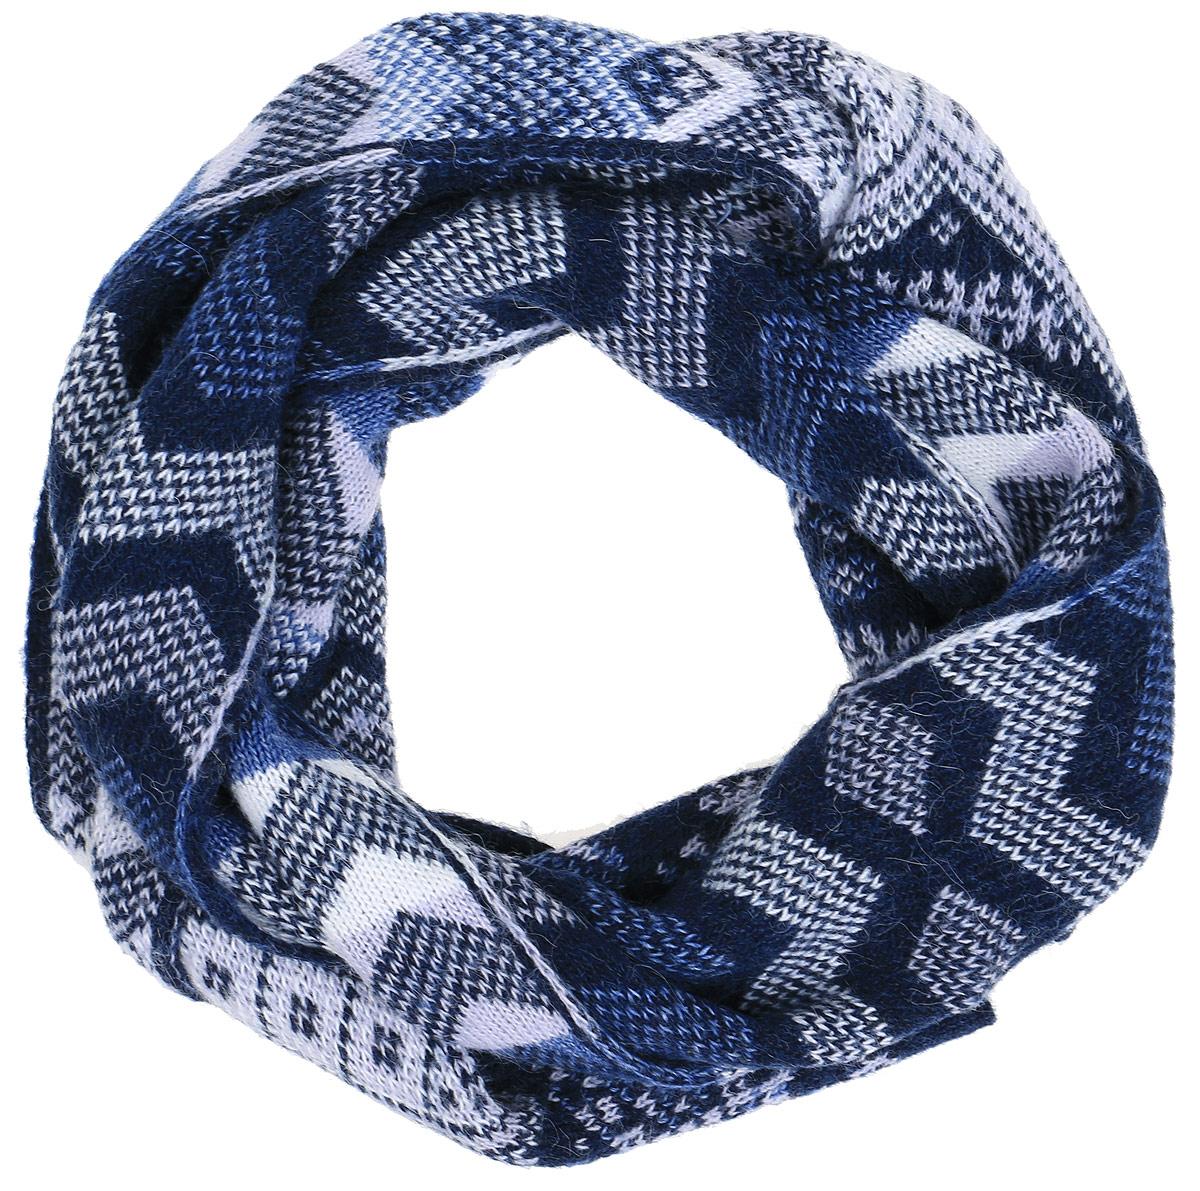 Шарф женский. A16-12137A16-12137_204Женский шарф Finn Flare станет отличным дополнением к вашему гардеробу в холодную погоду. Шарф, выполненный из шерсти с добавлением акрила, очень мягкий, теплый и приятный на ощупь. Модель оформлена вязаным орнаментом. Современный дизайн и расцветка делают этот шарф модным и стильным женским аксессуаром. Он подарит вам ощущение тепла, комфорта и уюта.